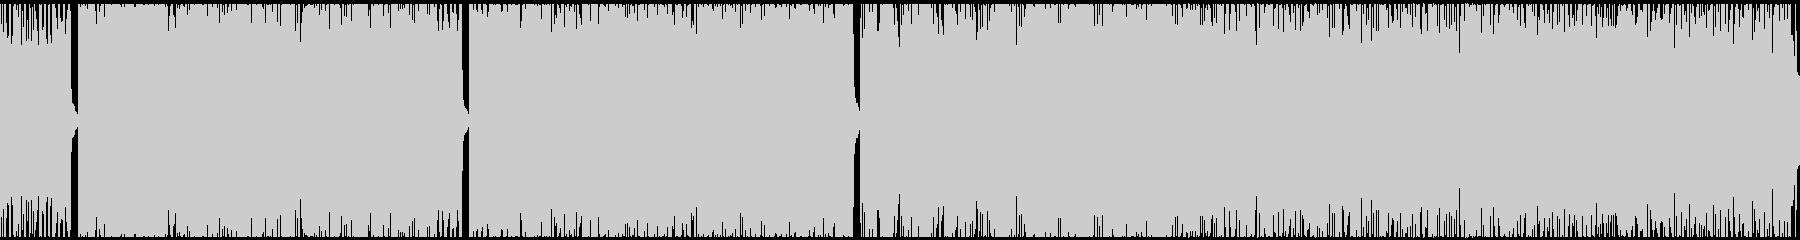 爽やかで軽快なBGMのループverですの未再生の波形